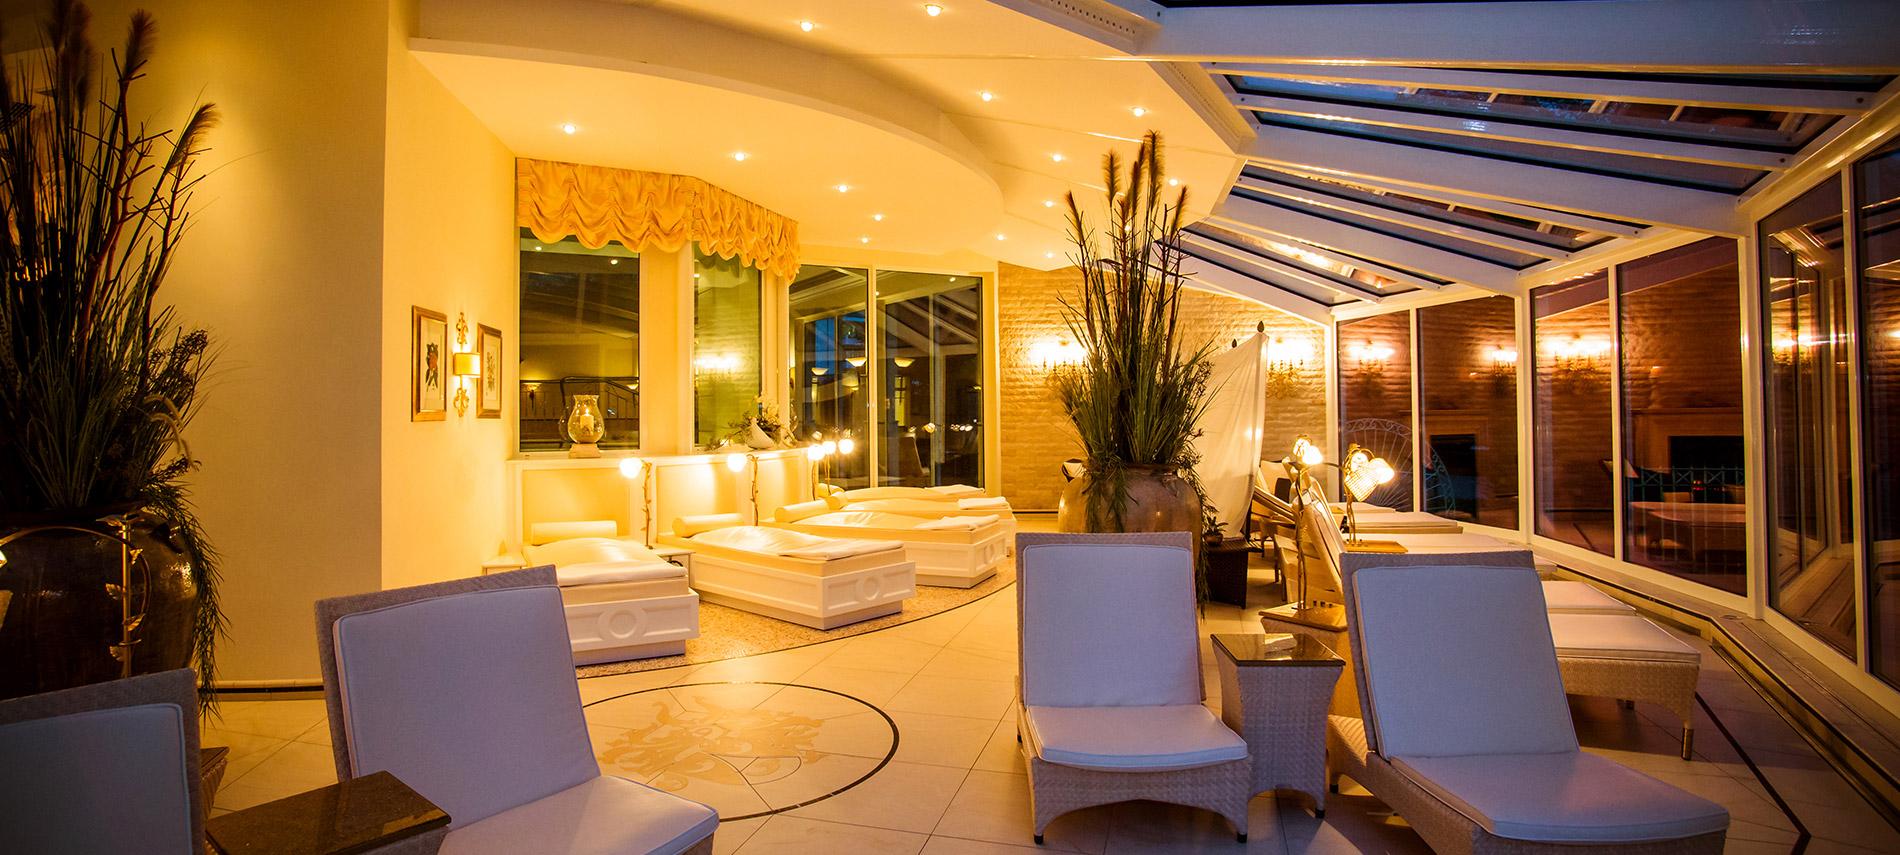 hotels bad f ssing thermenhotel quellenhof bad f ssing 4 sterne. Black Bedroom Furniture Sets. Home Design Ideas